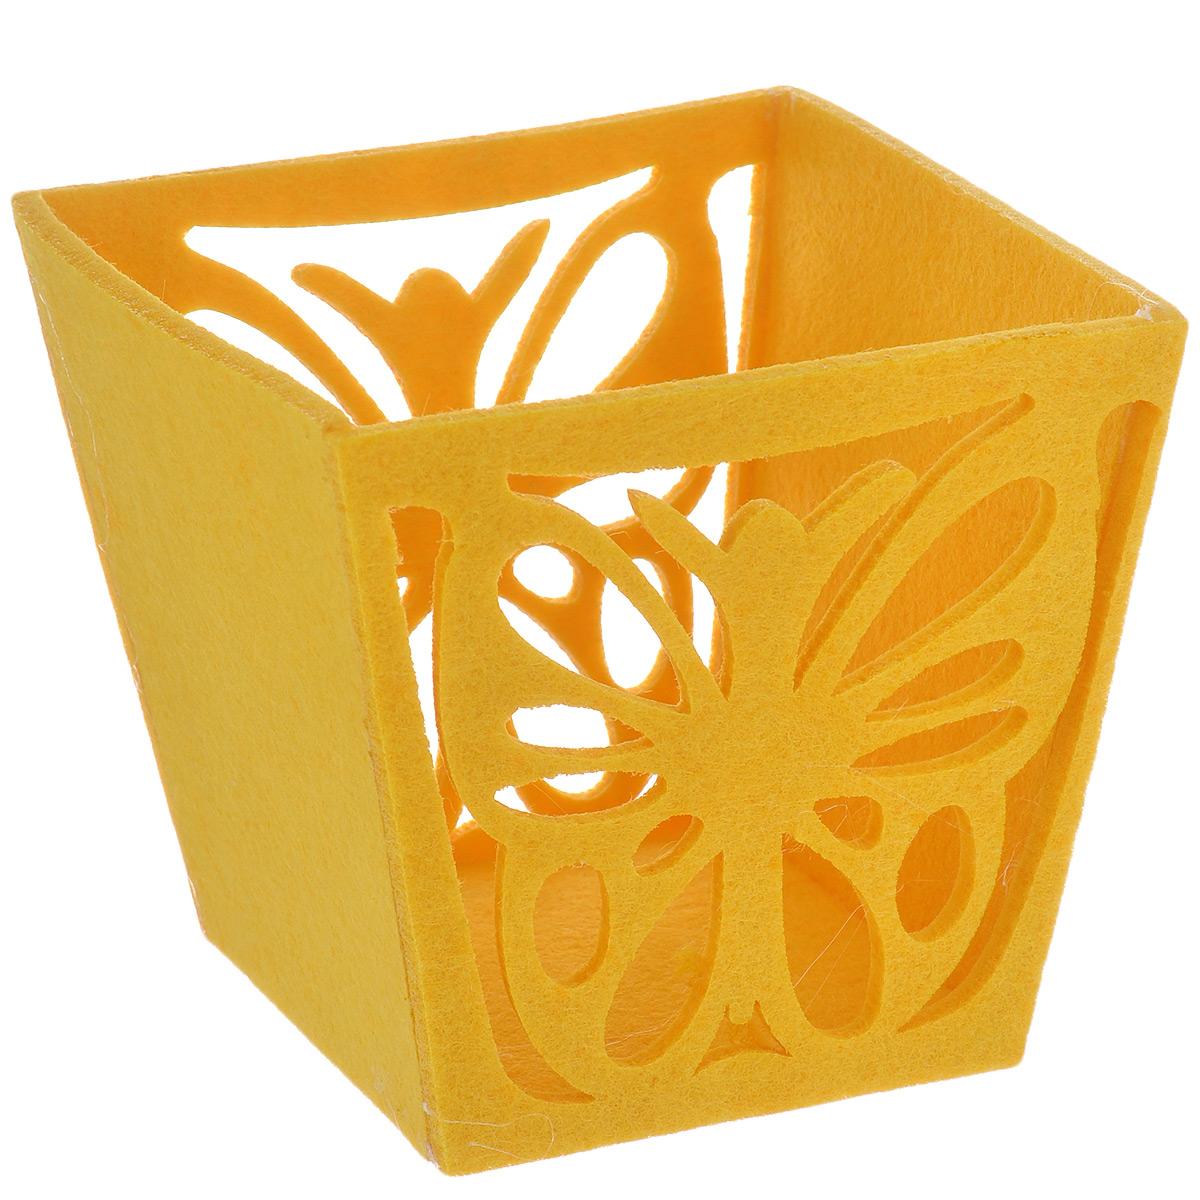 Корзинка декоративная Home Queen Бабочка, цвет: желтый, 14 см х 13 см х 12 см55052Декоративная корзина Home Queen Бабочка, выполненная из фетра, предназначена для хранения различных мелочей и аксессуаров. Изделие имеет красивую перфорацию в виде бабочки.Такая корзина станет оригинальным и необычным подарком или украшением интерьера. Размер корзины: 14 см х 13 см х 12 см.Размер дна: 10 см х 9,5 см.